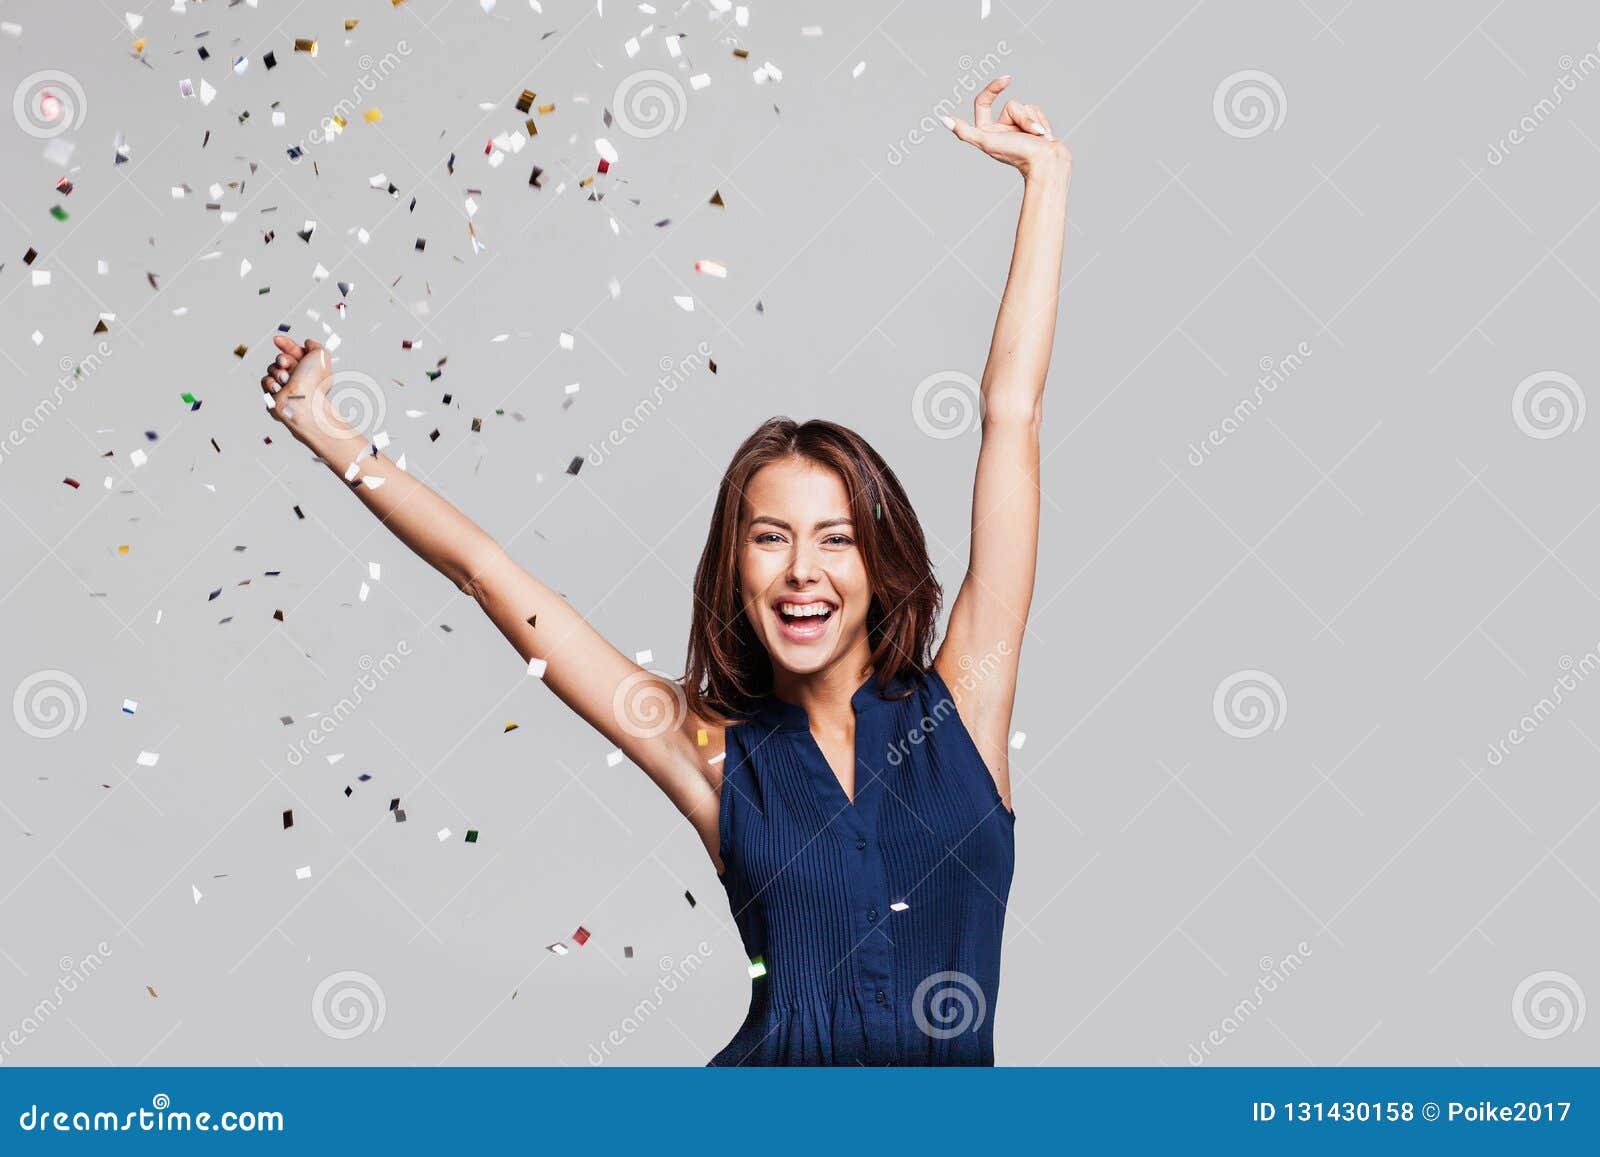 Mooie gelukkige vrouw bij vieringspartij met confettien die overal op haar vallen Verjaardag of Nieuwjaarvooravond het vieren con